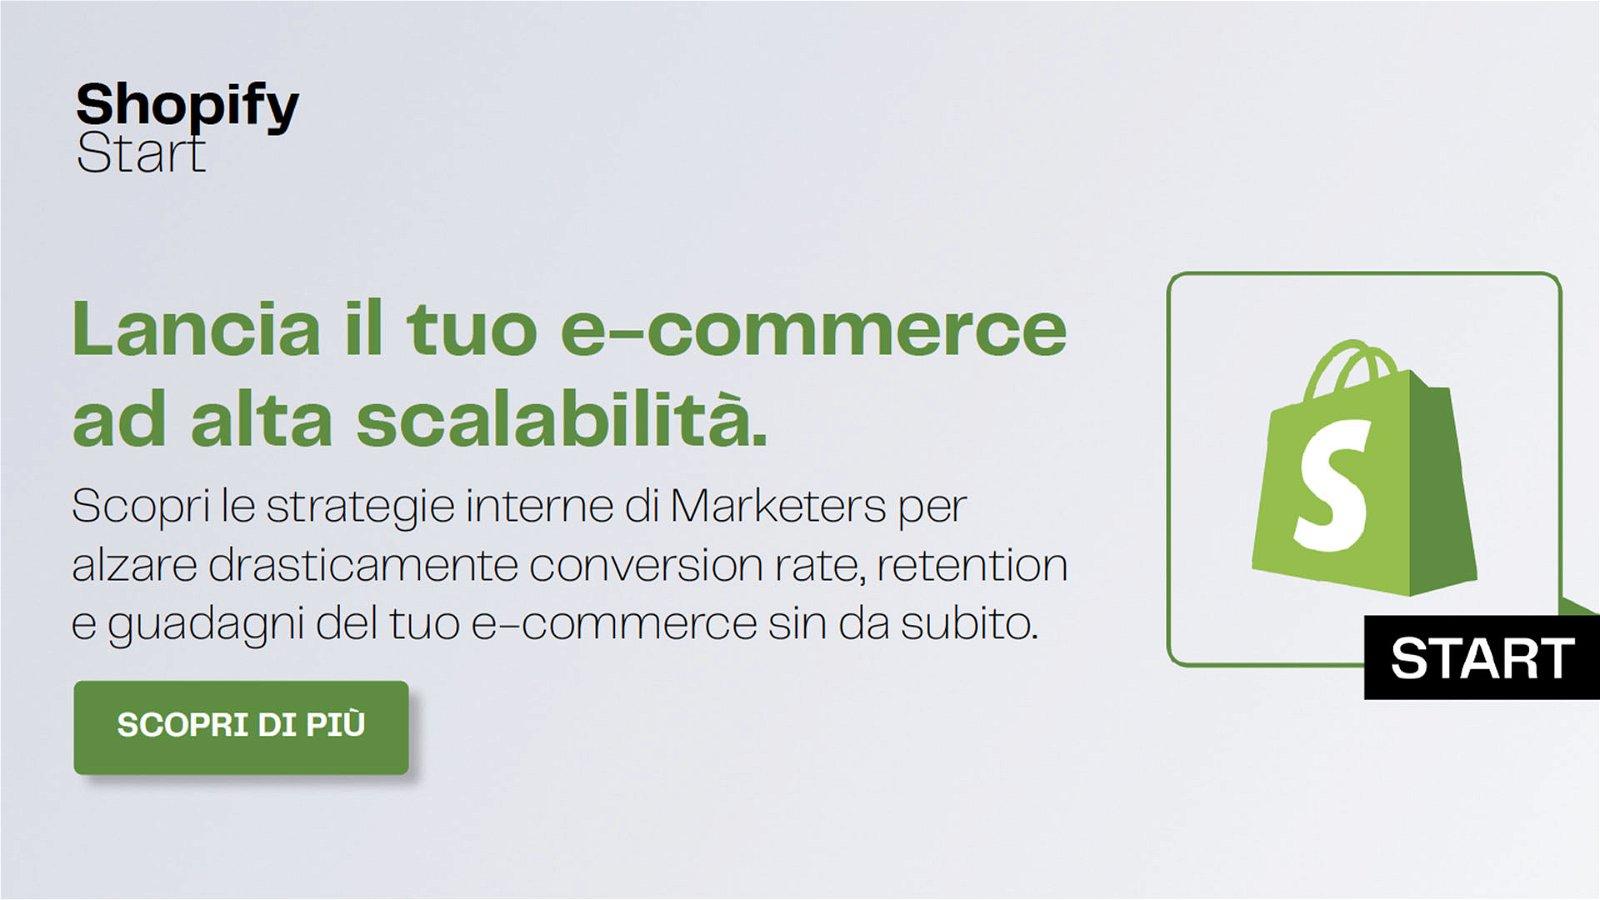 Guida E-commerce: come iniziare a vendere online e guadagnare da subito 2